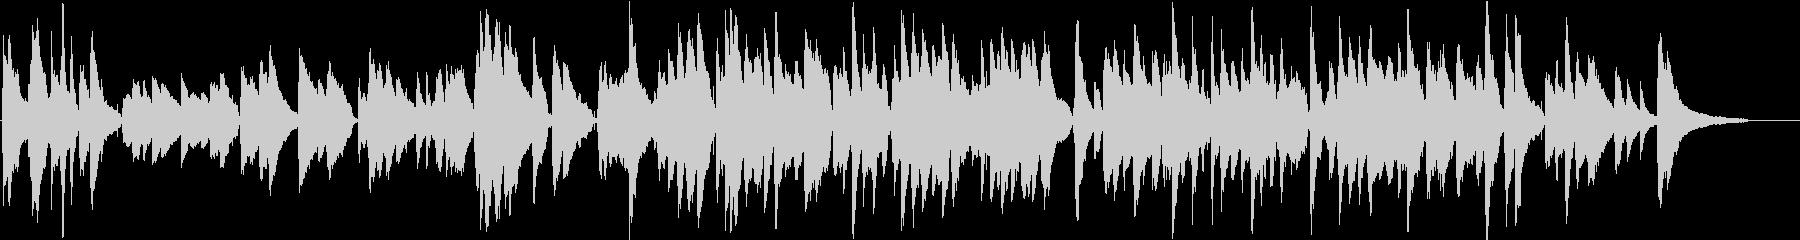 フランスパリのロマンチックなワルツ伴奏版の未再生の波形